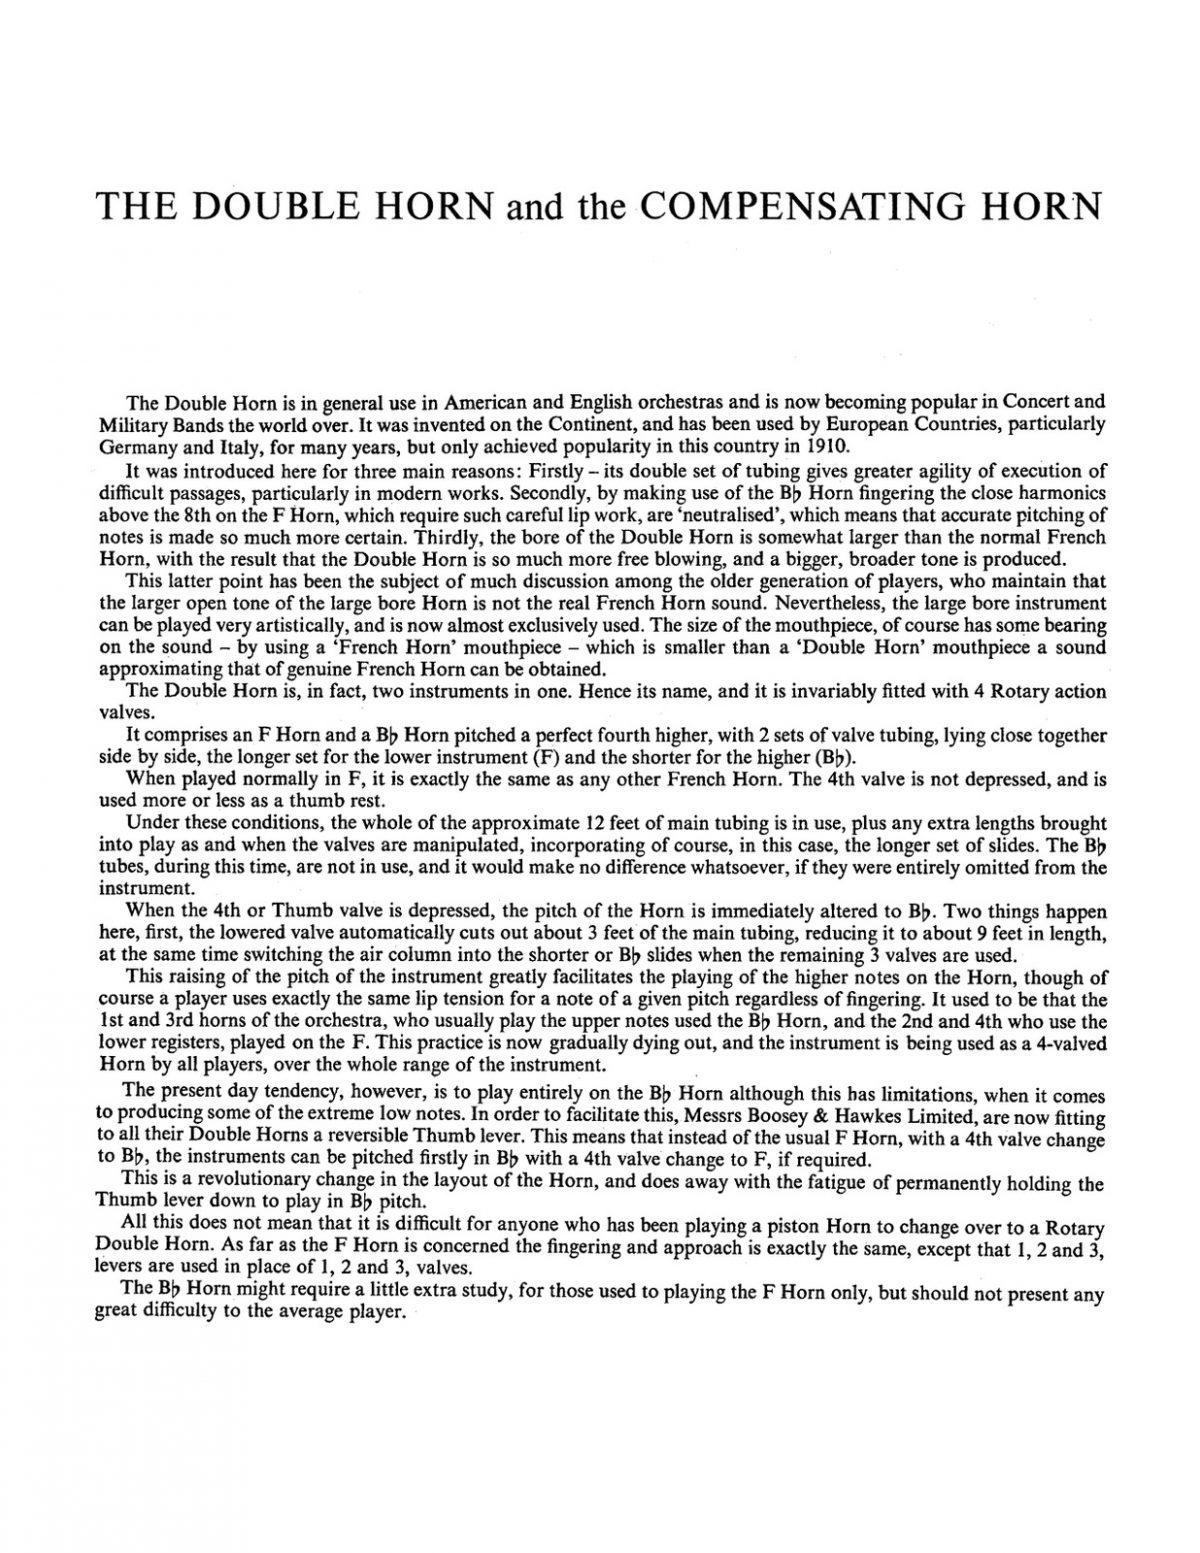 Erdman, Robert, The Master Method for French Horn-p02